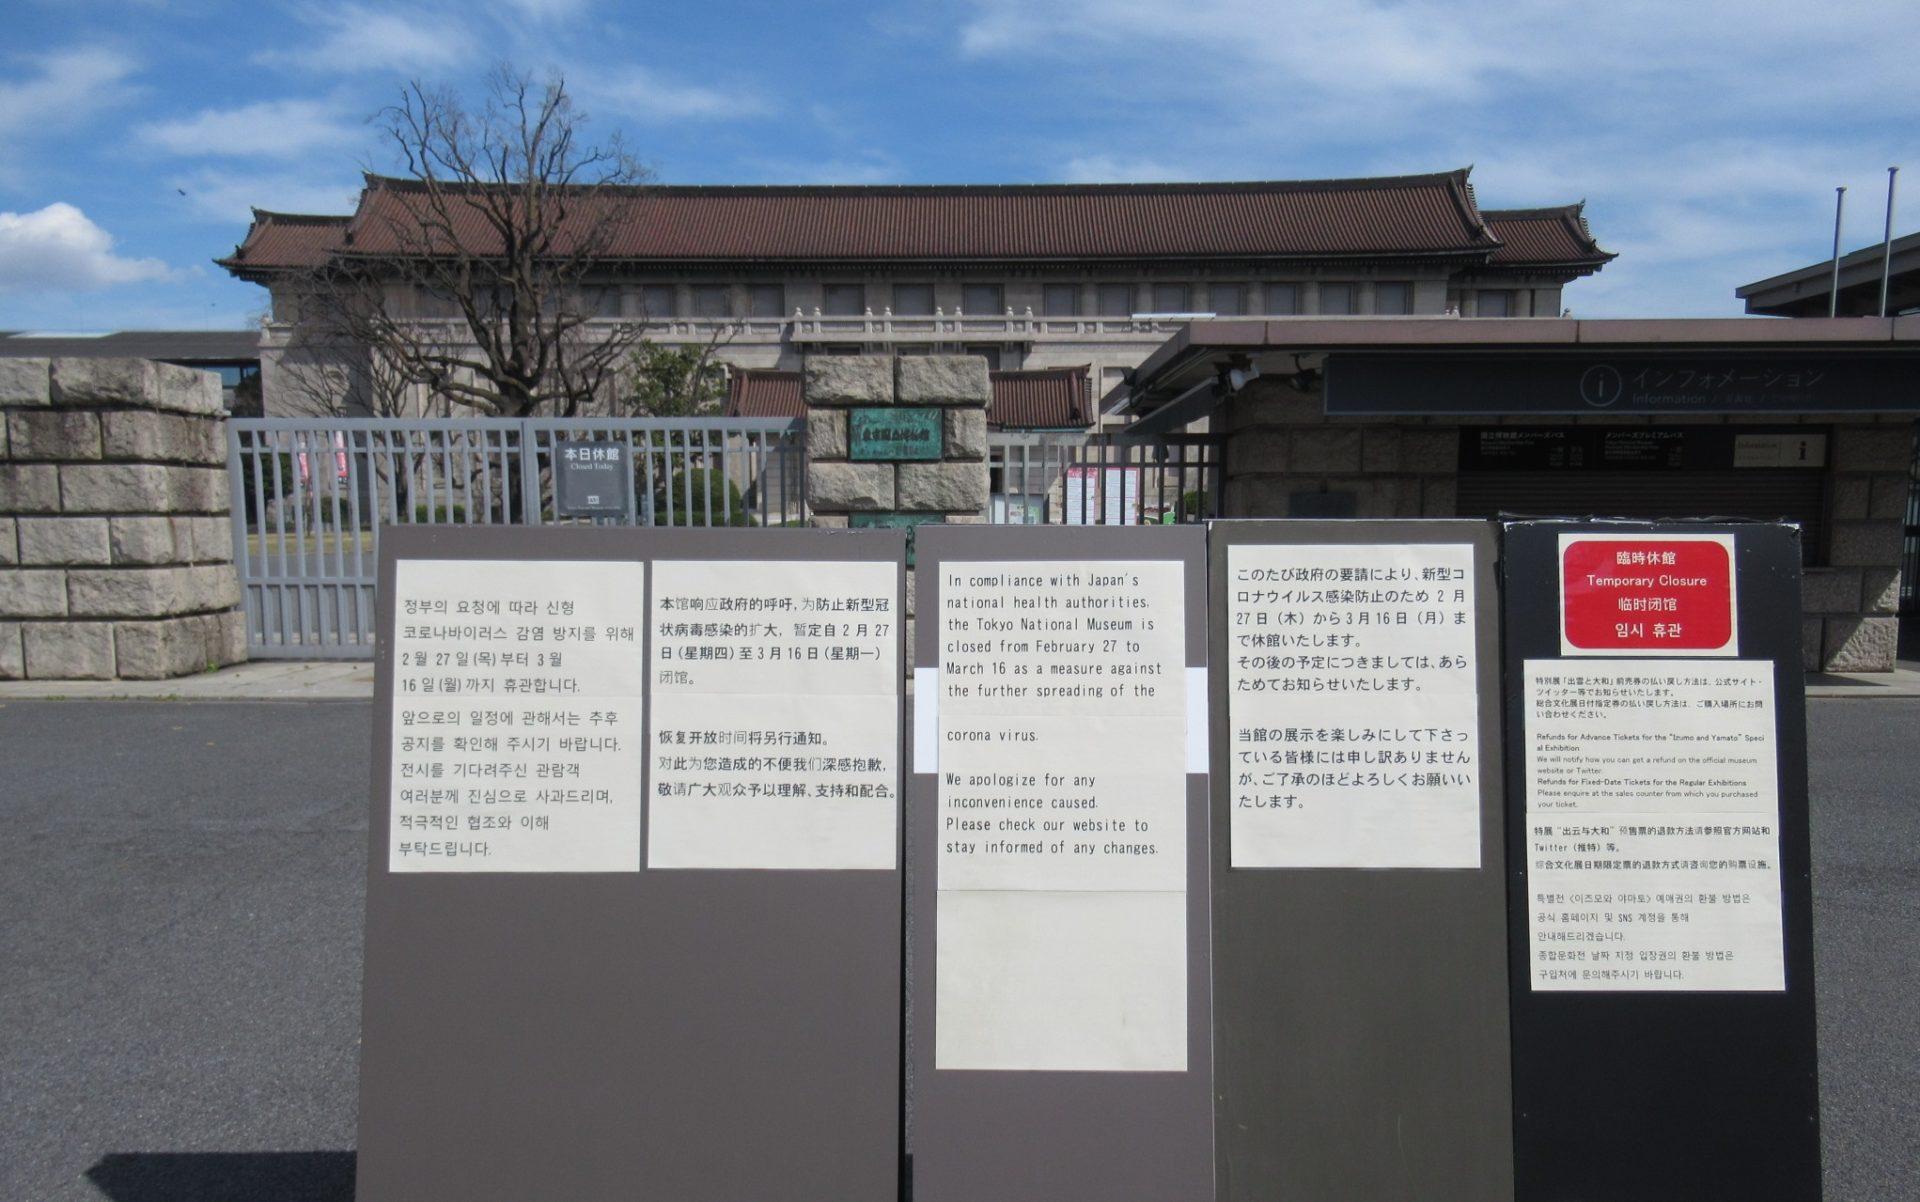 中華民國博物館學會:海外報導【日本博物館因應新型冠狀病毒之防疫動態】